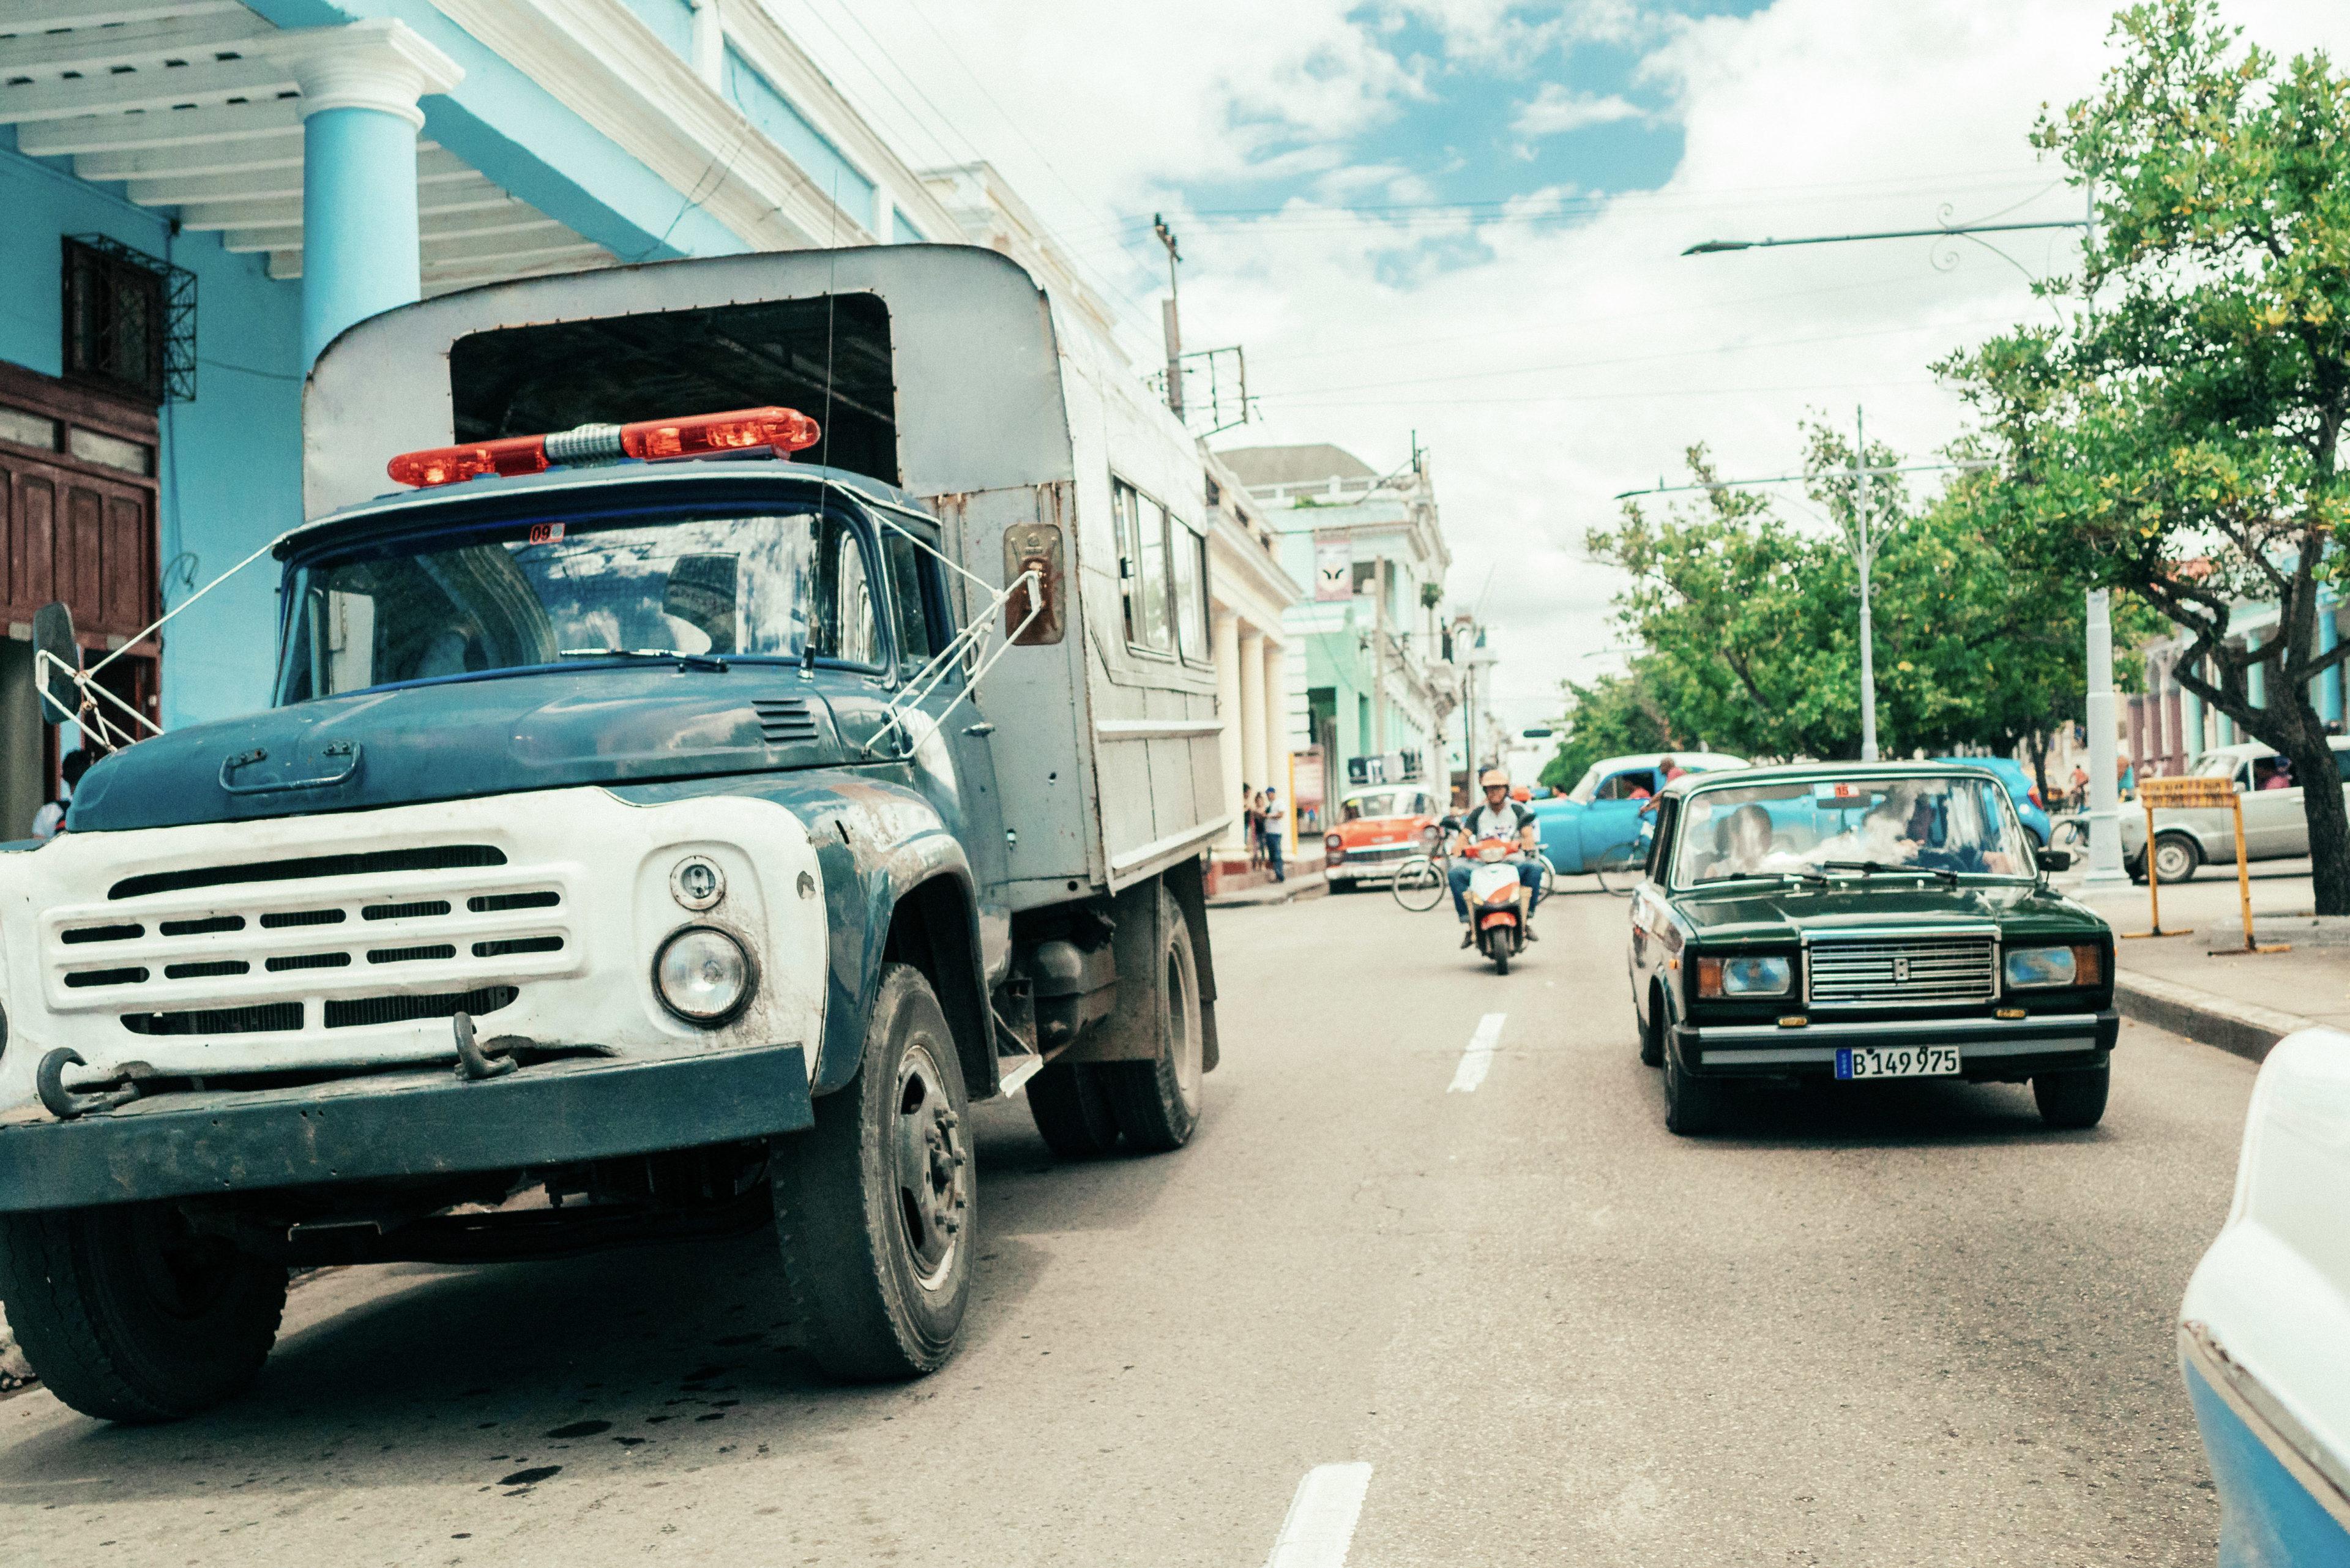 typischer LKW für Personentransport